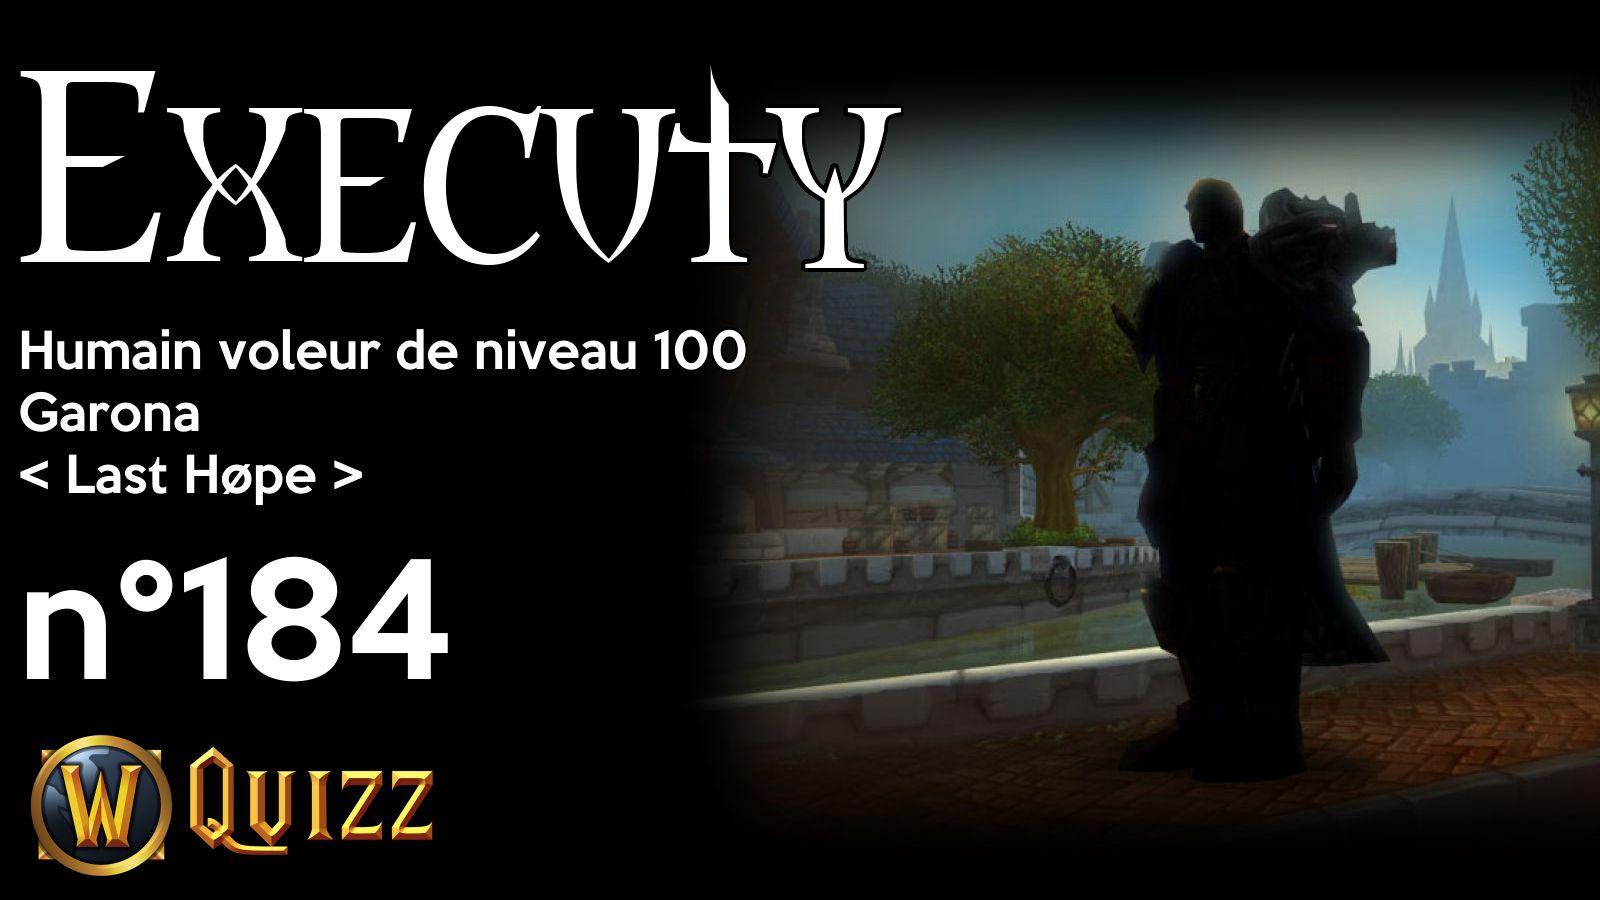 Executy, Humain voleur de niveau 100, Garona